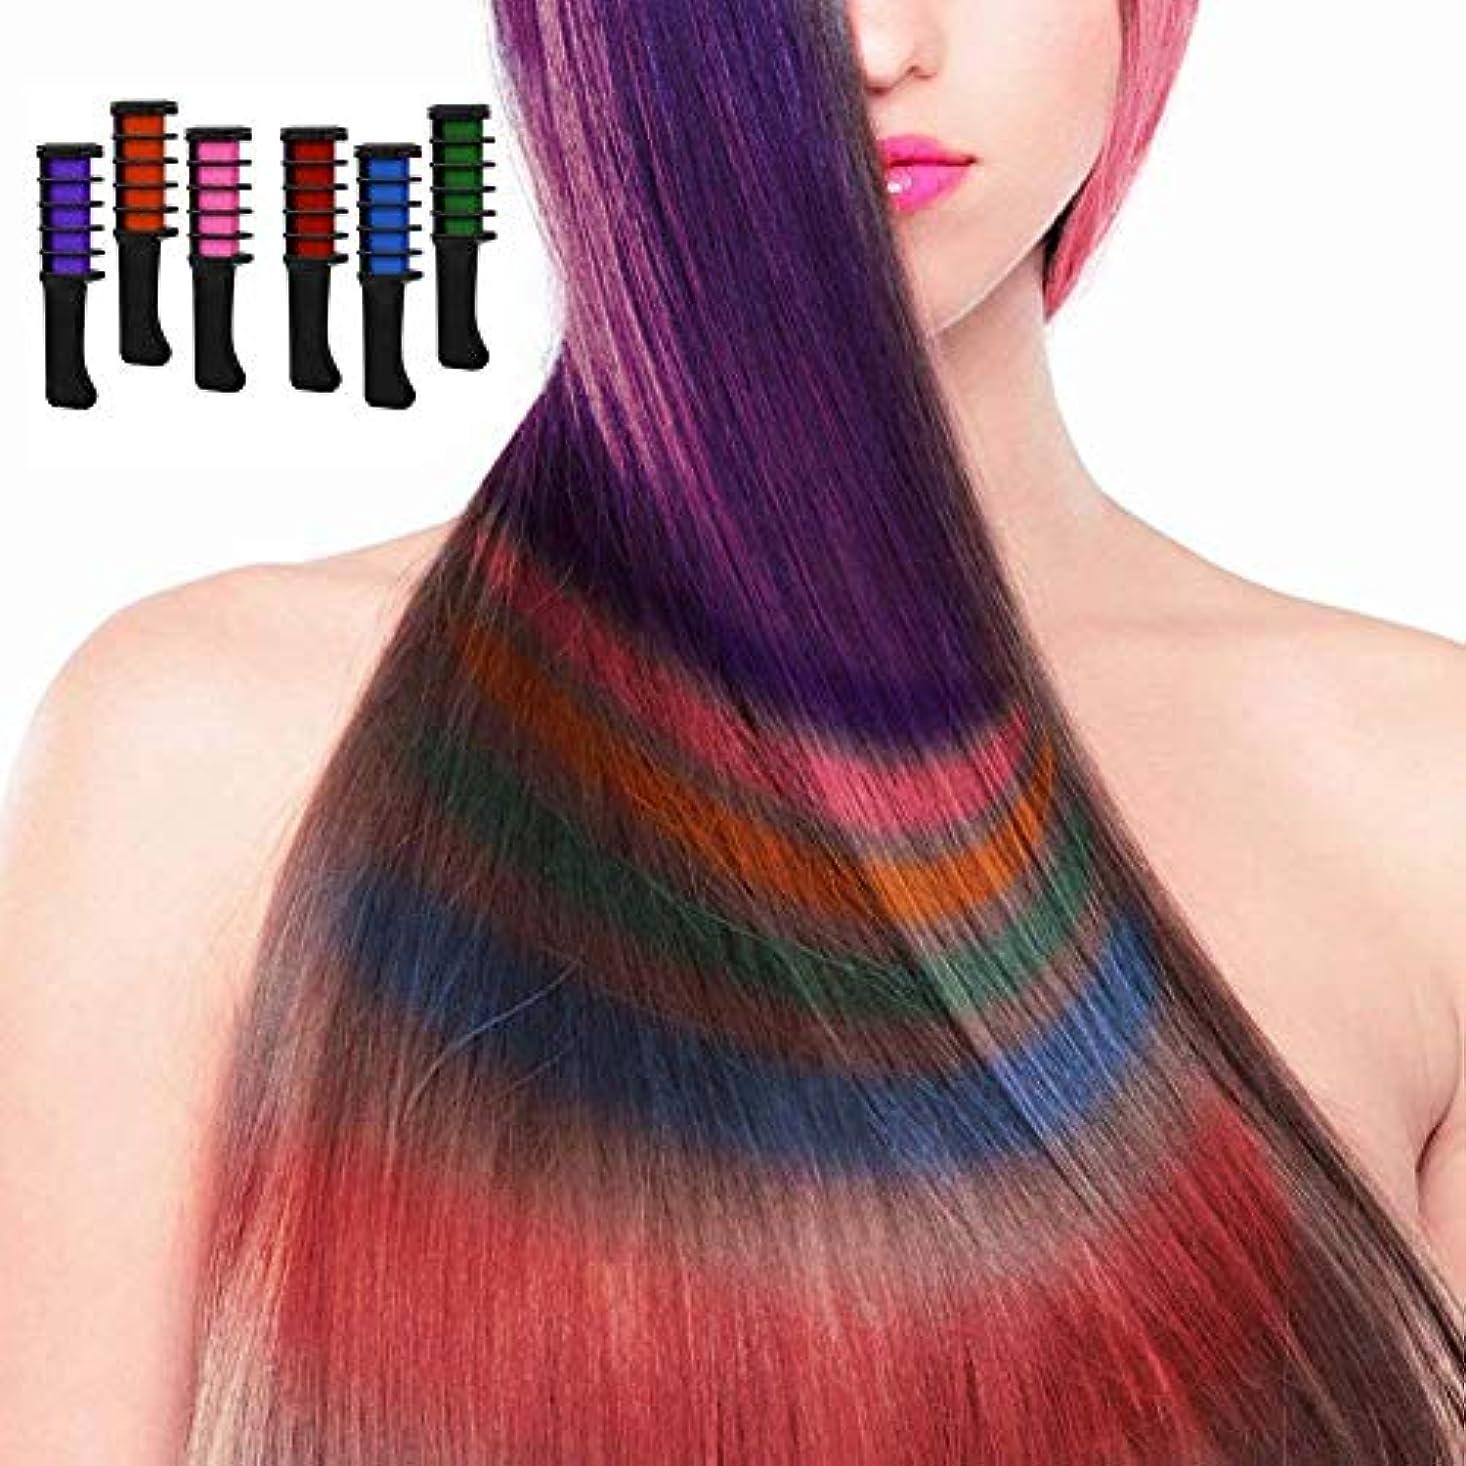 幹ダウンコロニアル使い捨てヘアダイスティック一時的なヘアカラークリームはすべての髪の色で動作しますDIYパーティーコスプレハロウィン(6色)